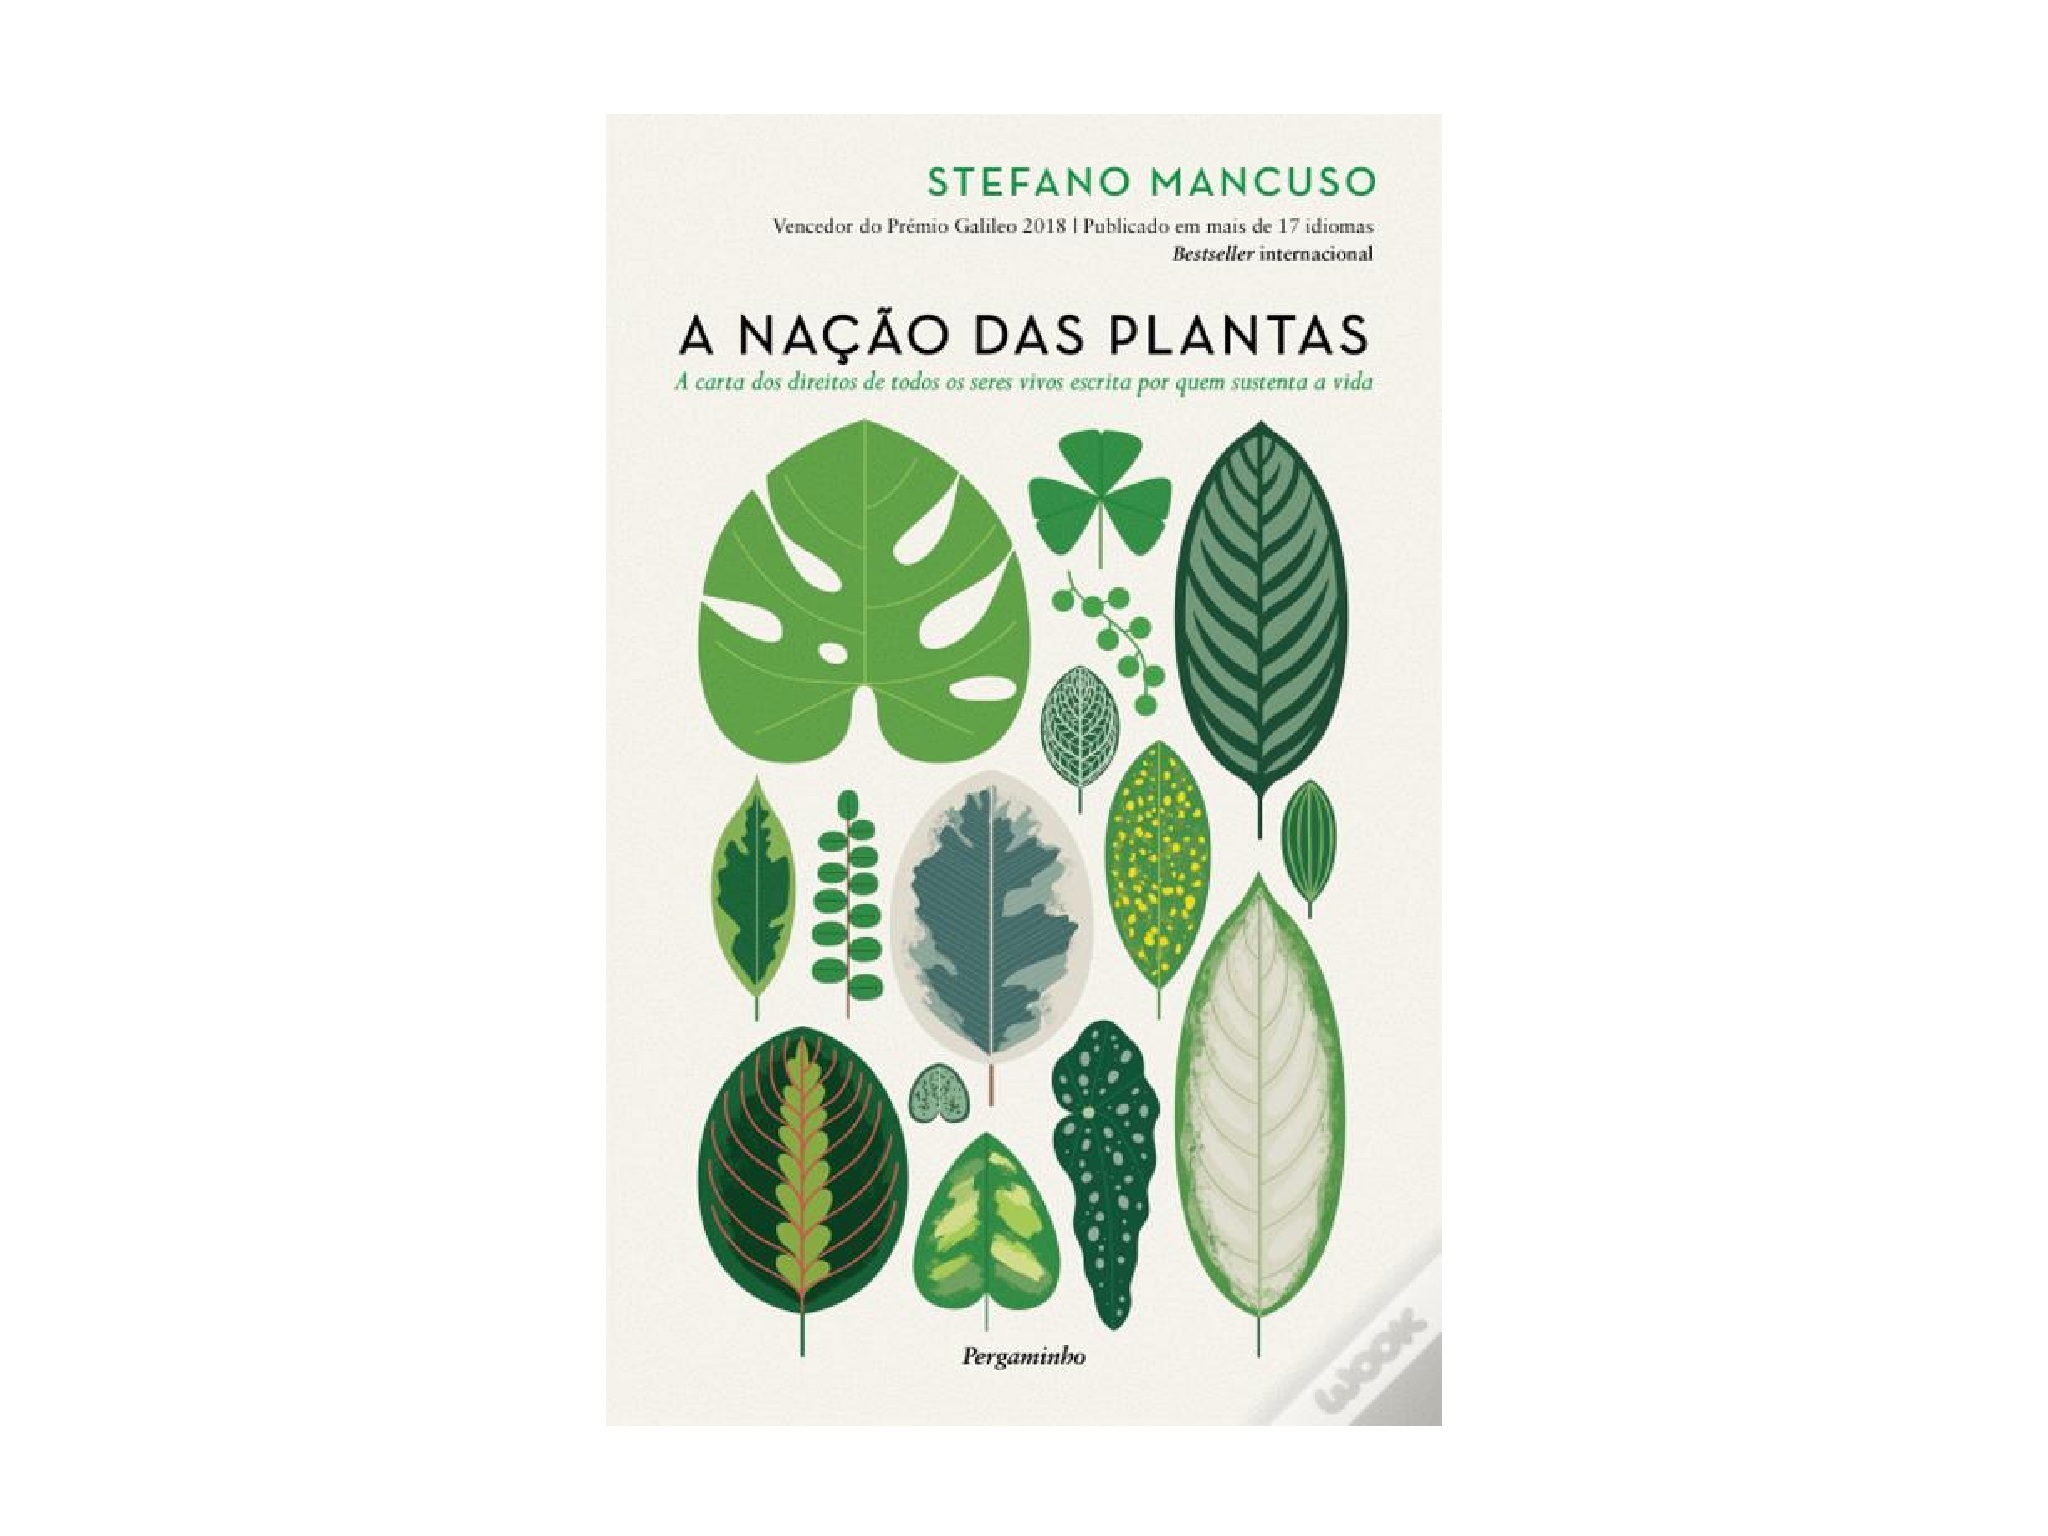 Livro, A Nação das Plantas, Stefano Mancuso